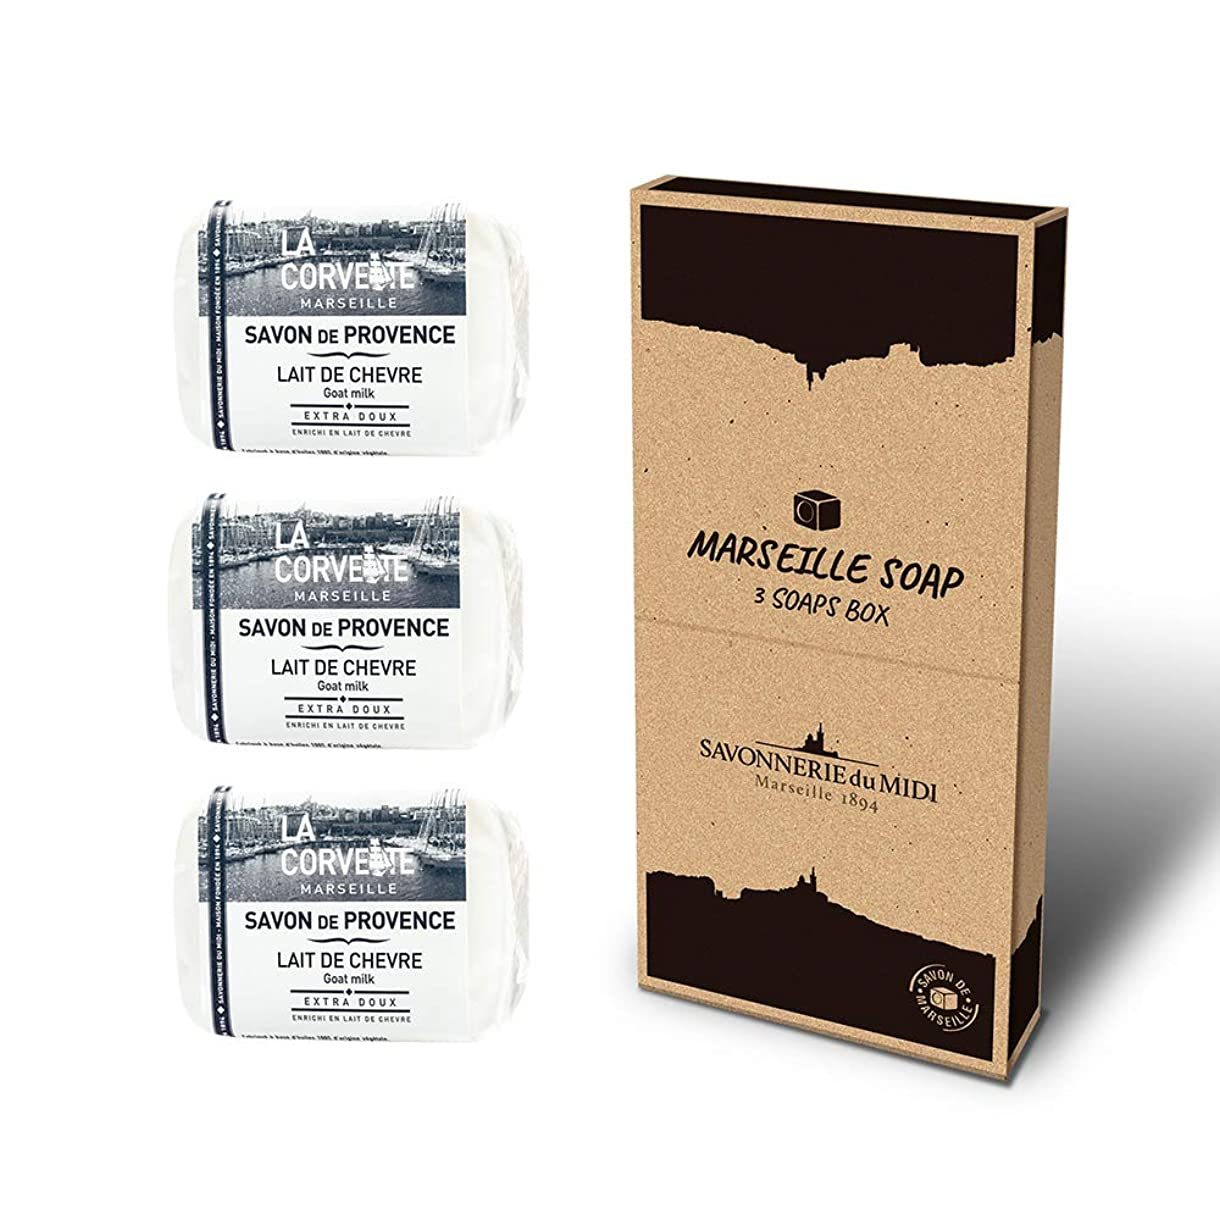 泥適合する空いているマルセイユソープ 3Soaps BOX ゴートミルク